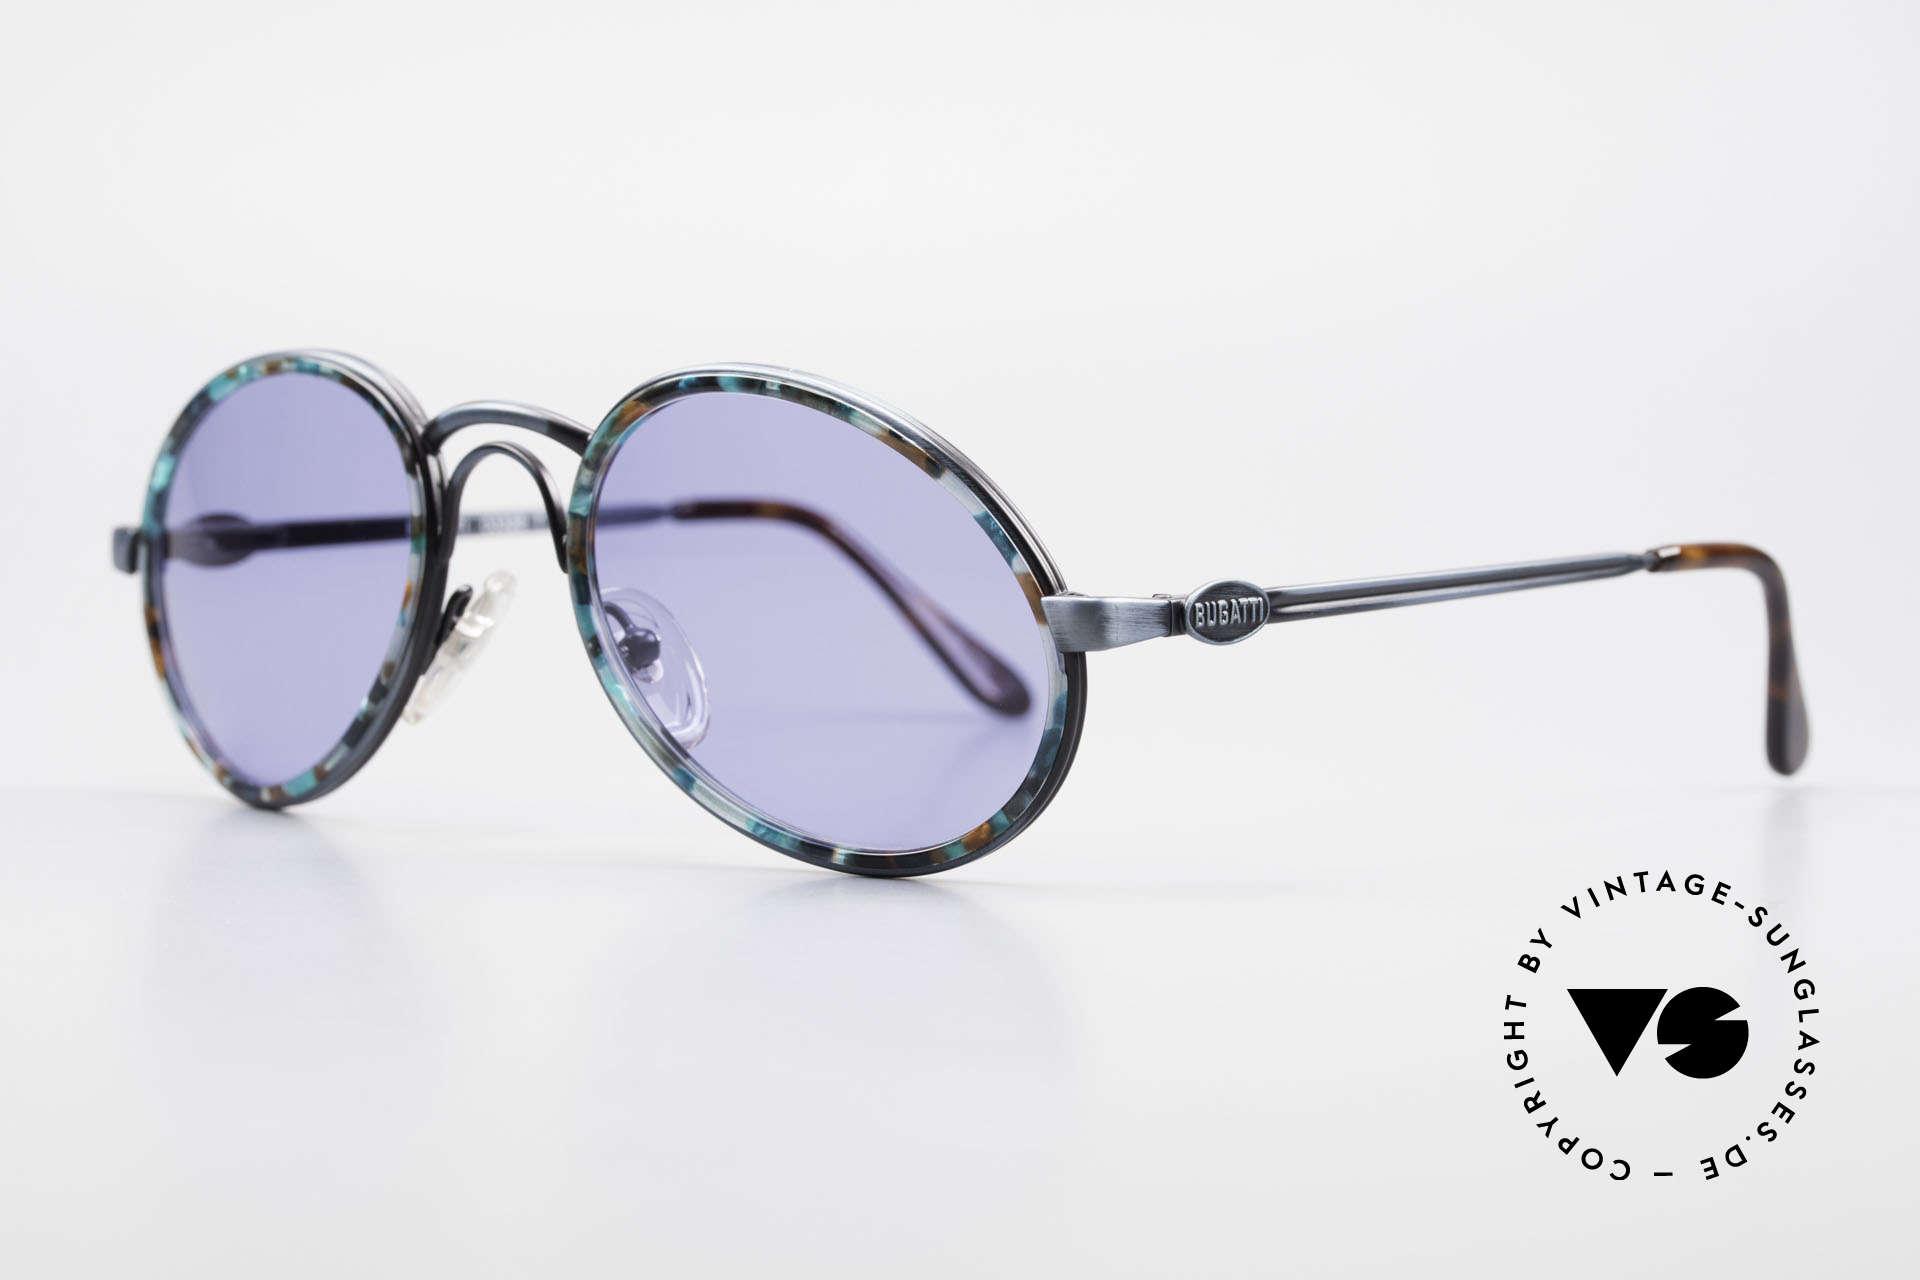 Bugatti 03328T Alte 80er Bugatti Herrenbrille, antik blaue Lackierung & Windsor-Ringe 'blau mosaik', Passend für Herren